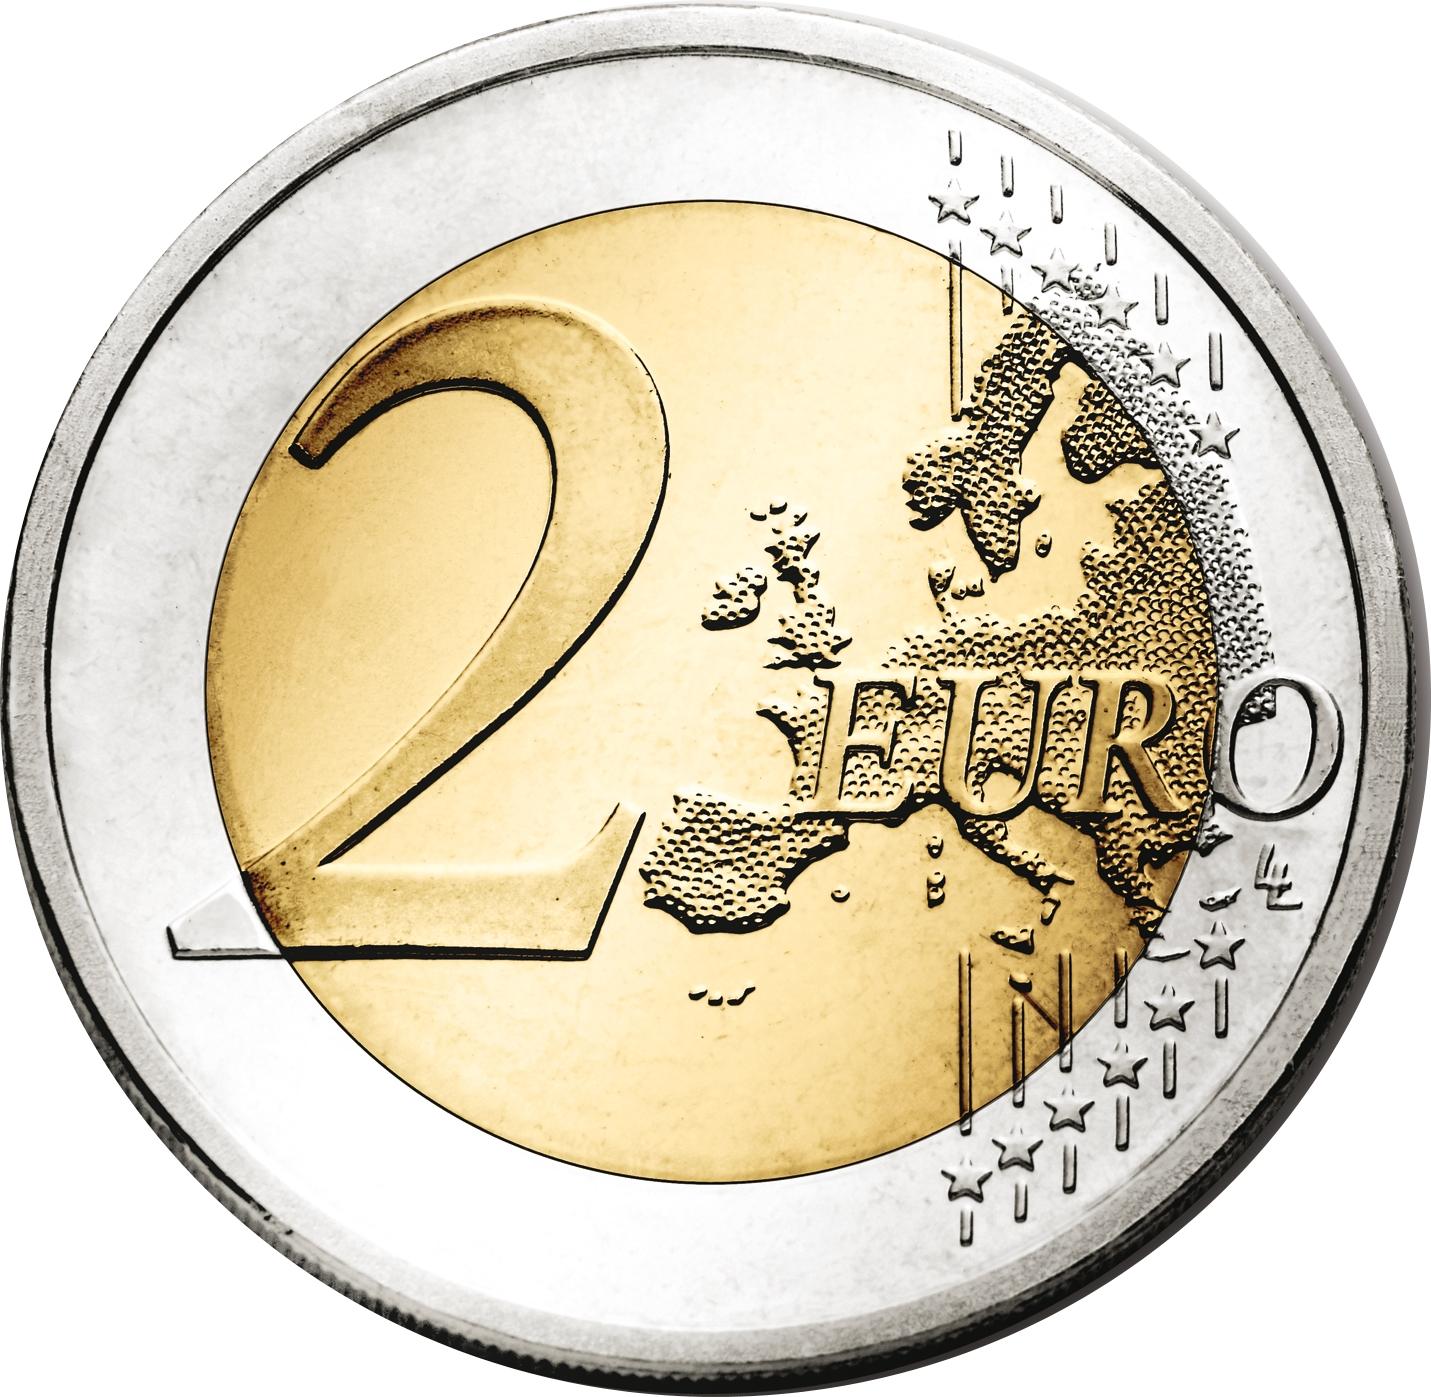 euro caract ristiques techniques des pi ces de 2 euros tous pays diam tre poids mat riaux. Black Bedroom Furniture Sets. Home Design Ideas